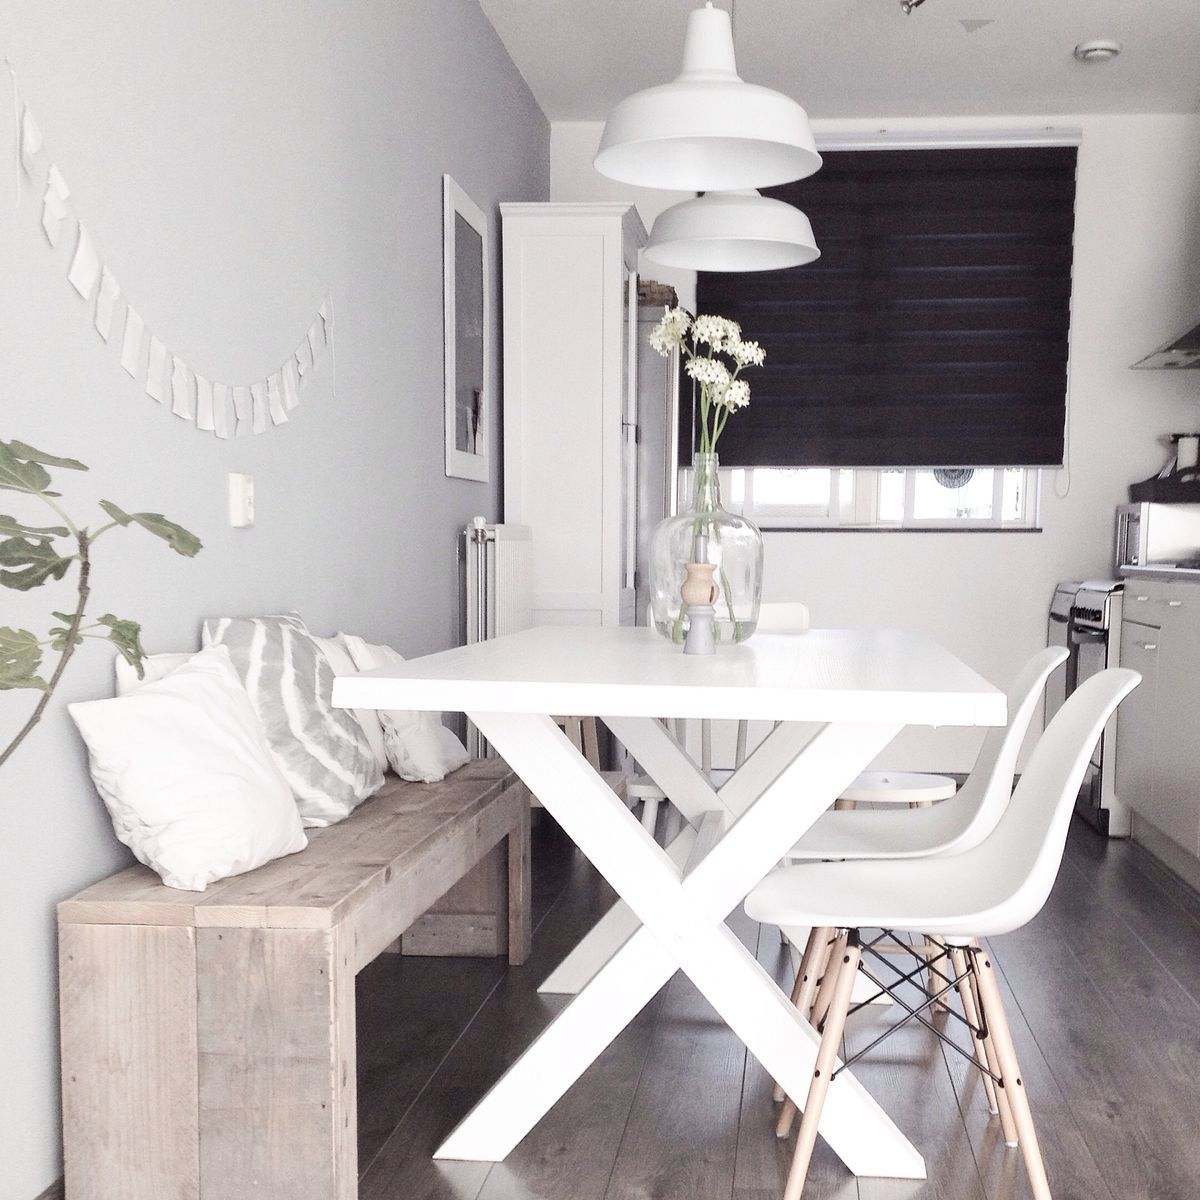 32 ideen für kleine küchen, Haus Dekoration | Inspiration la Casa ...